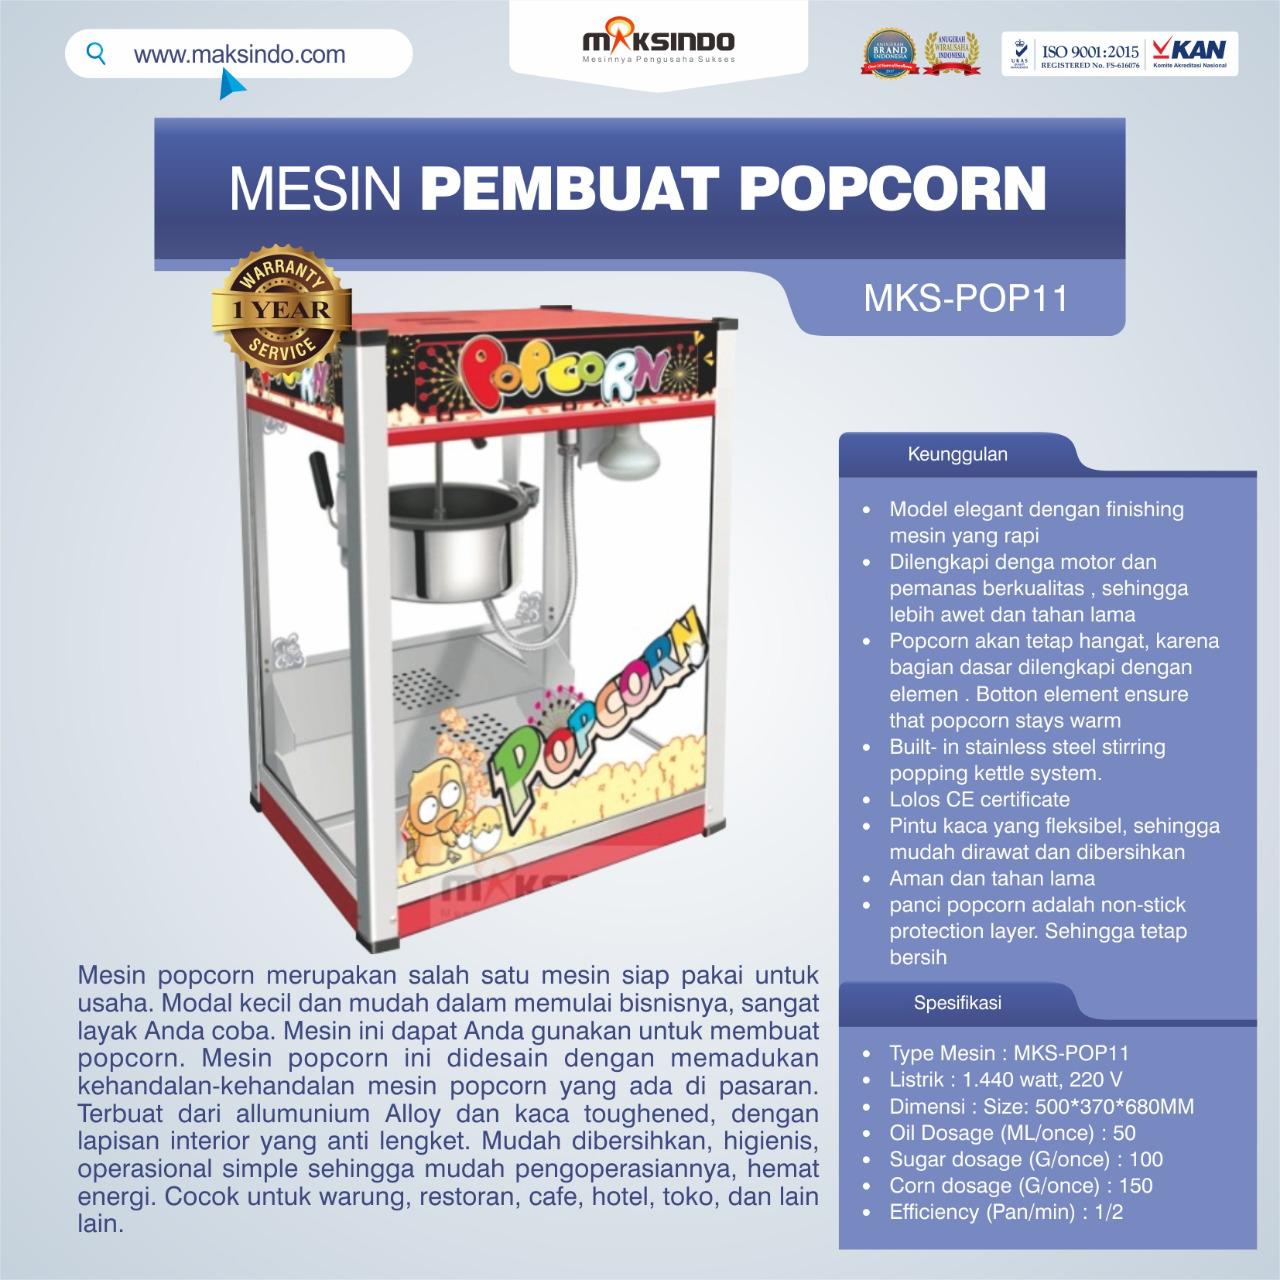 Jual Mesin Pembuat Popcorn (POP11) di Blitar